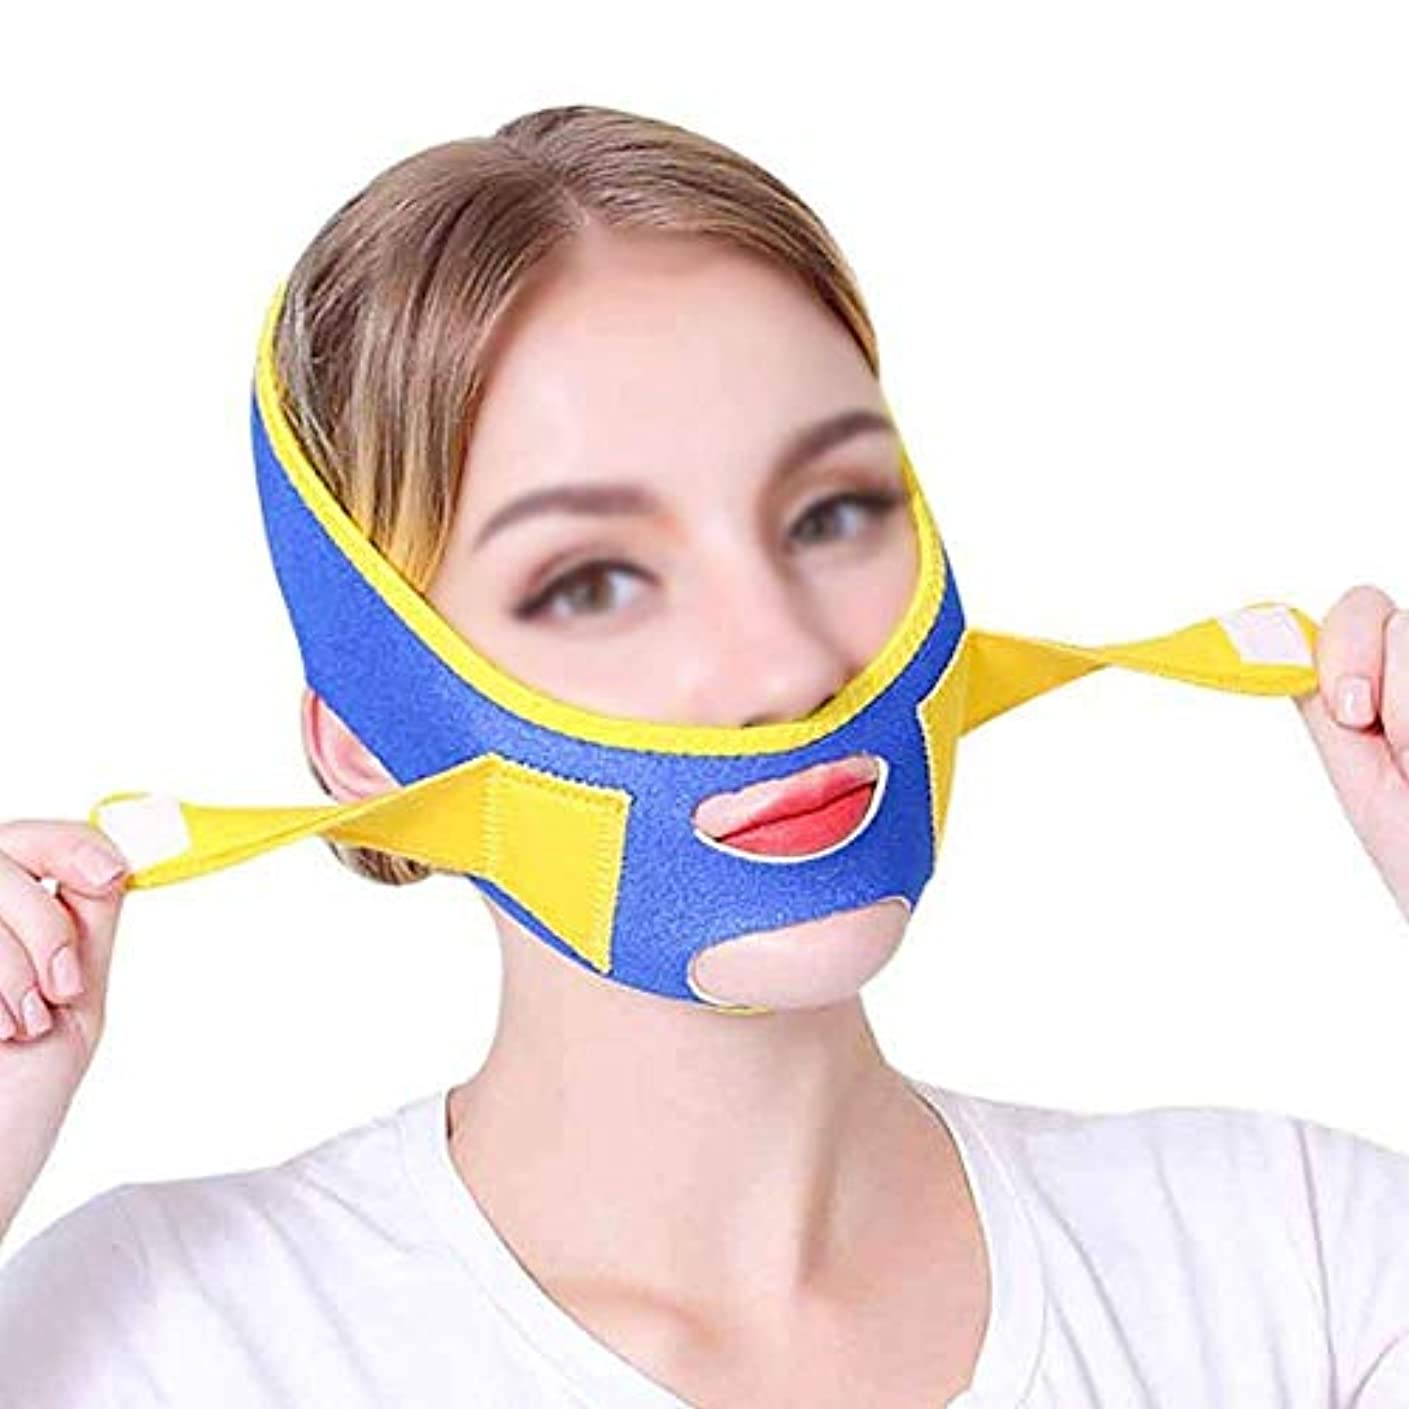 マインドフル食物ハンマーフェイスリフトマスク、あごひも回復包帯薄いフェイスマスクVフェイスステッカーフェイスリフトステッカー韓国本物のリフティング引き締め引き締め成形薄いダブルチンフェイスリフト睡眠包帯アーティファクト